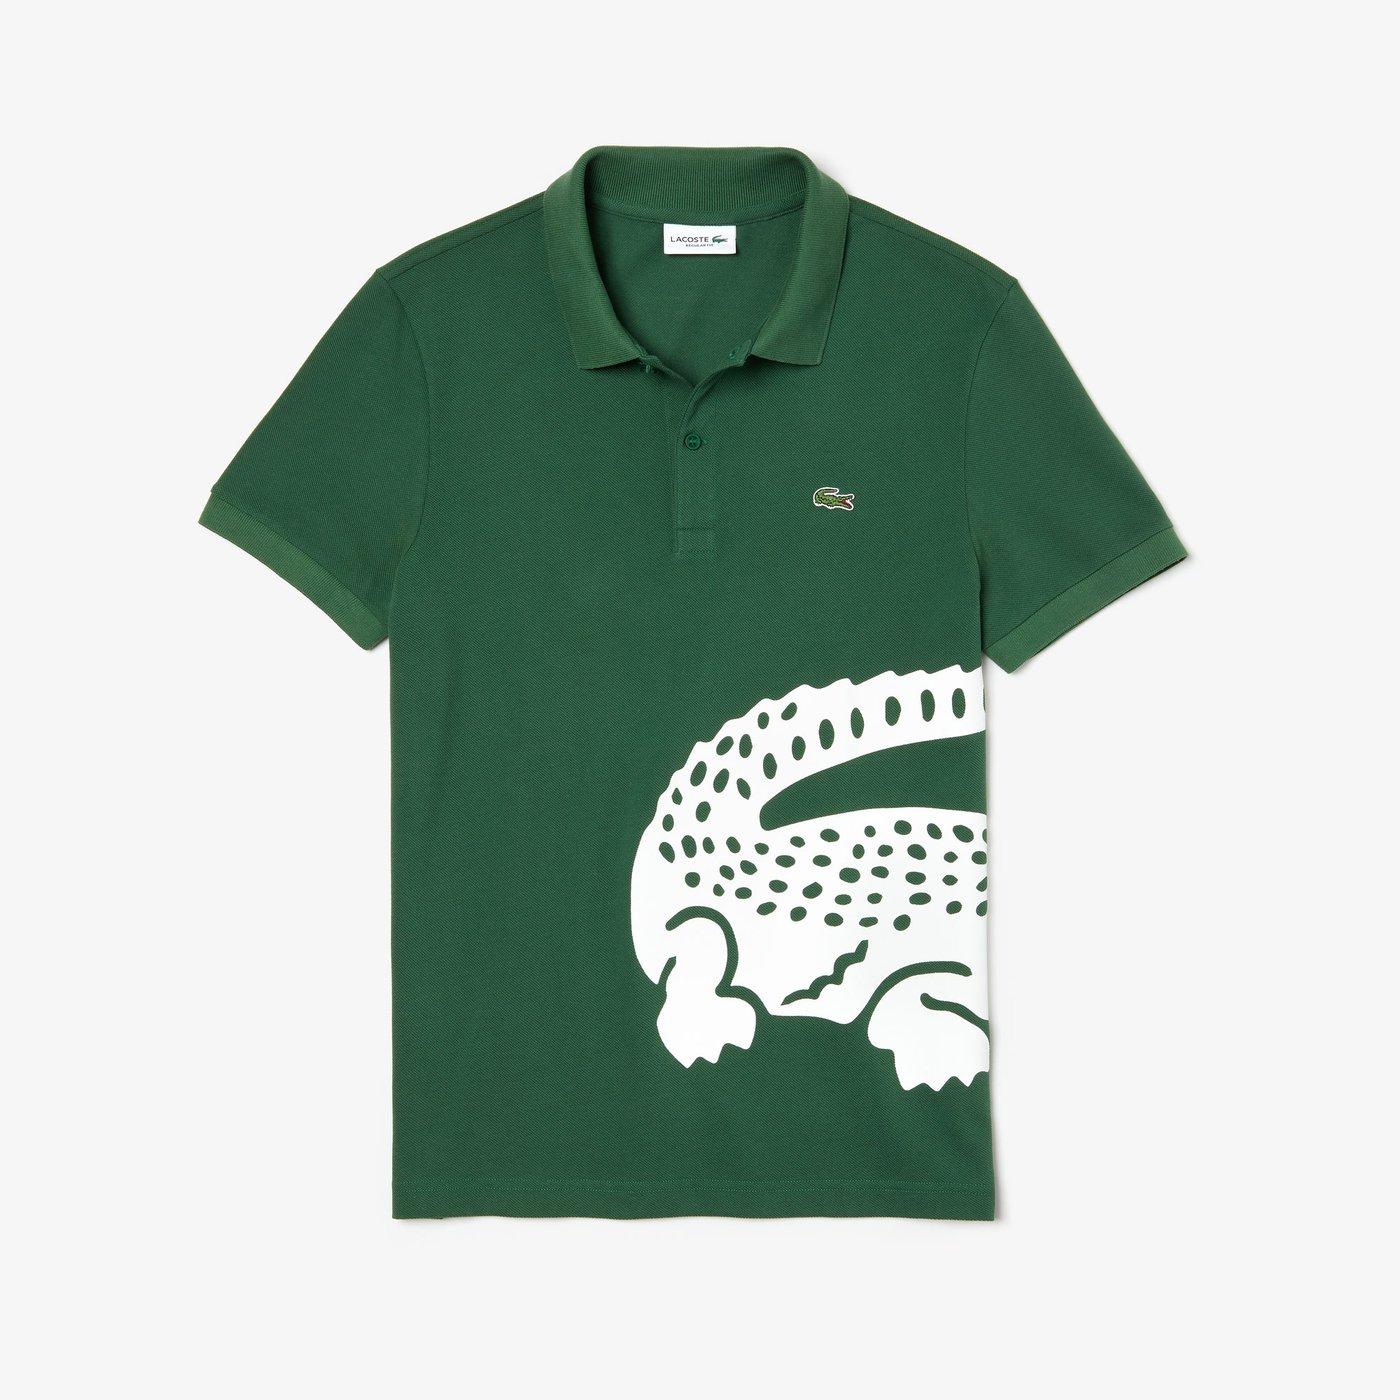 Lacoste Erkek Regular Fit Baskılı Yeşil Polo